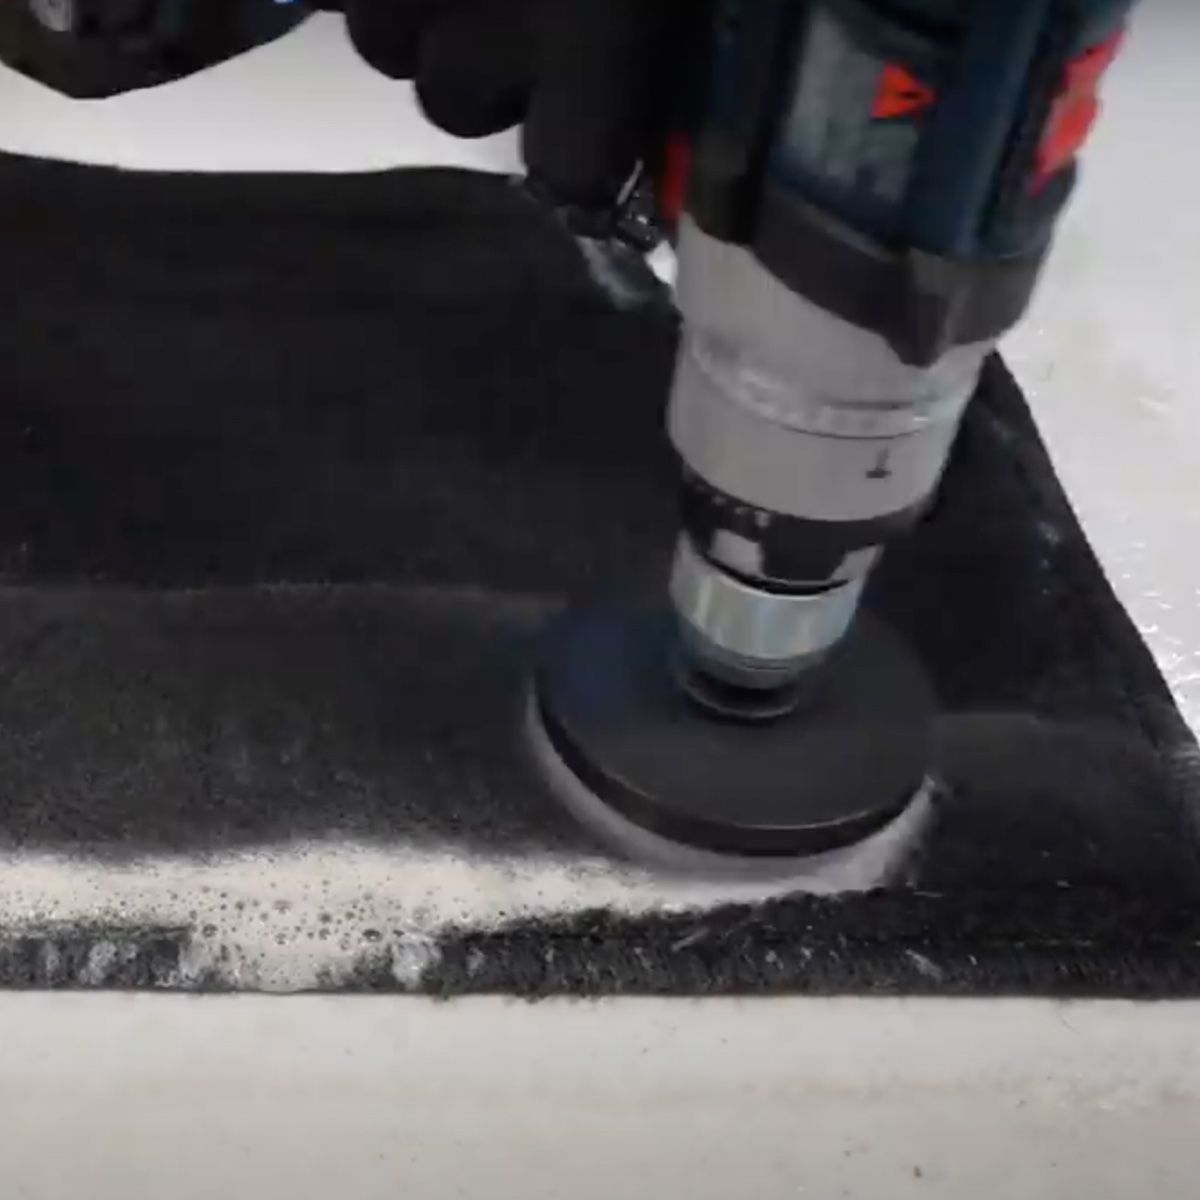 Escova Politriz Cerdas Macias + Limpa Carpete E Estofados 5L